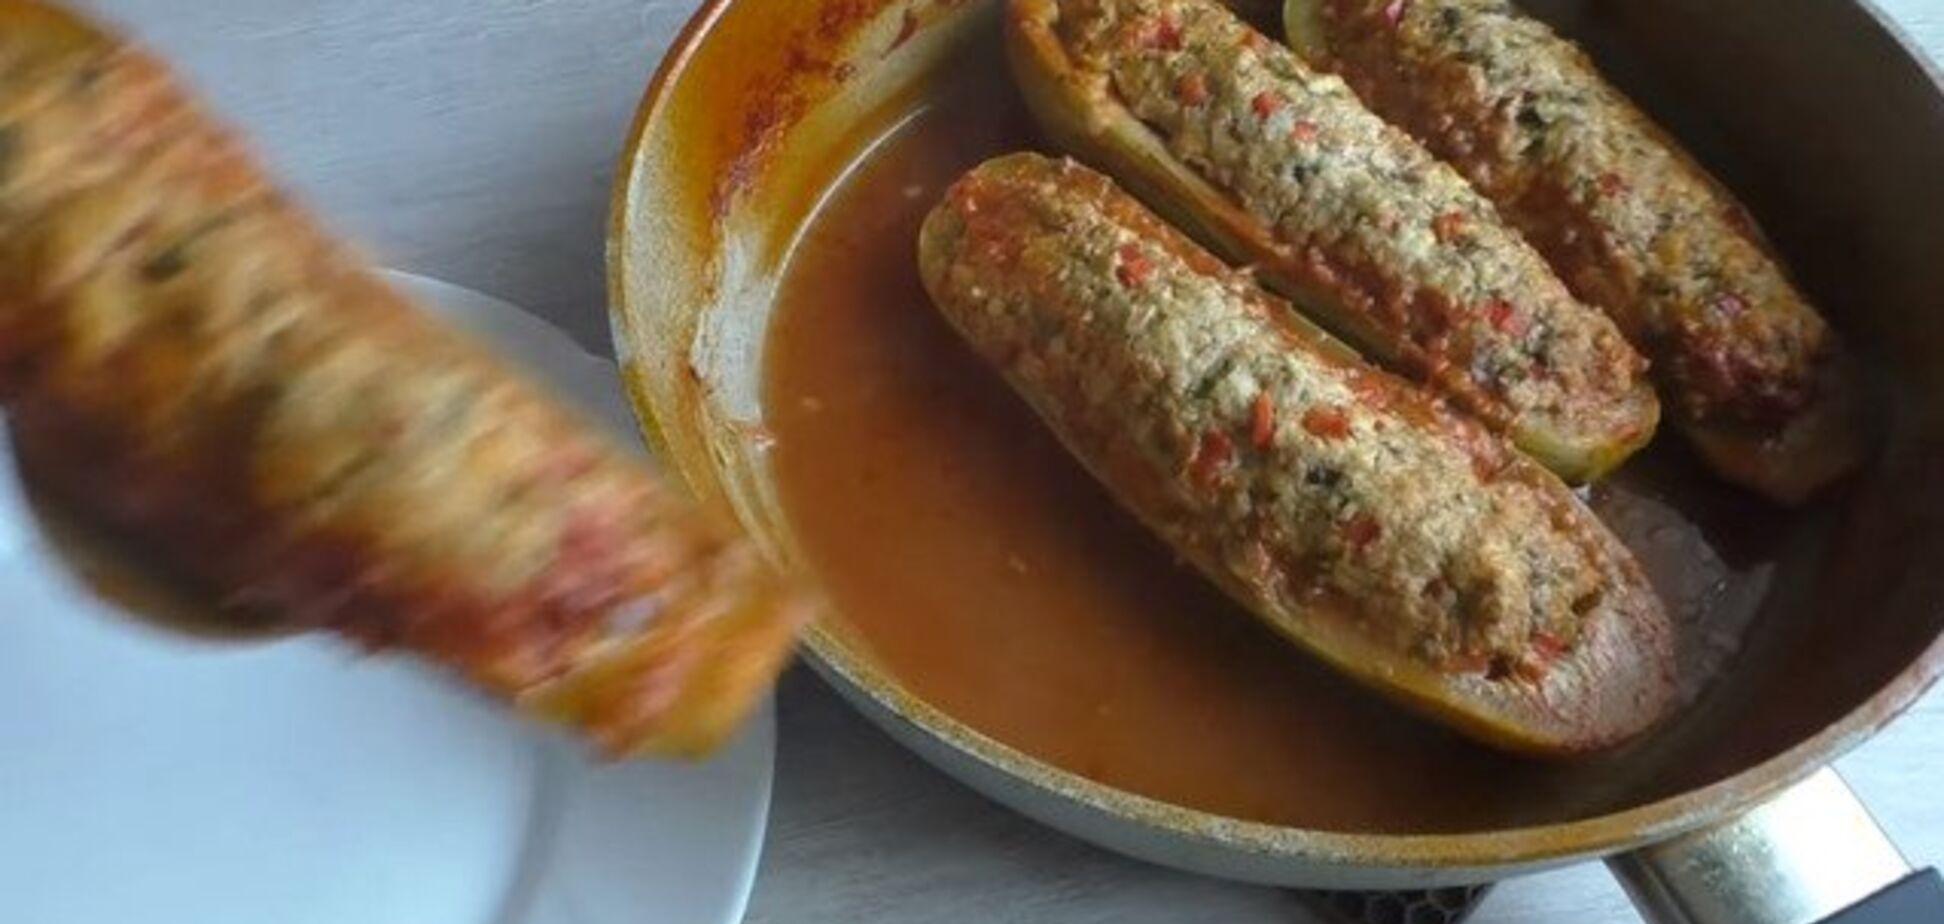 Поцарапайте кабачки для этого рецепта вилкой - будет вкуснее